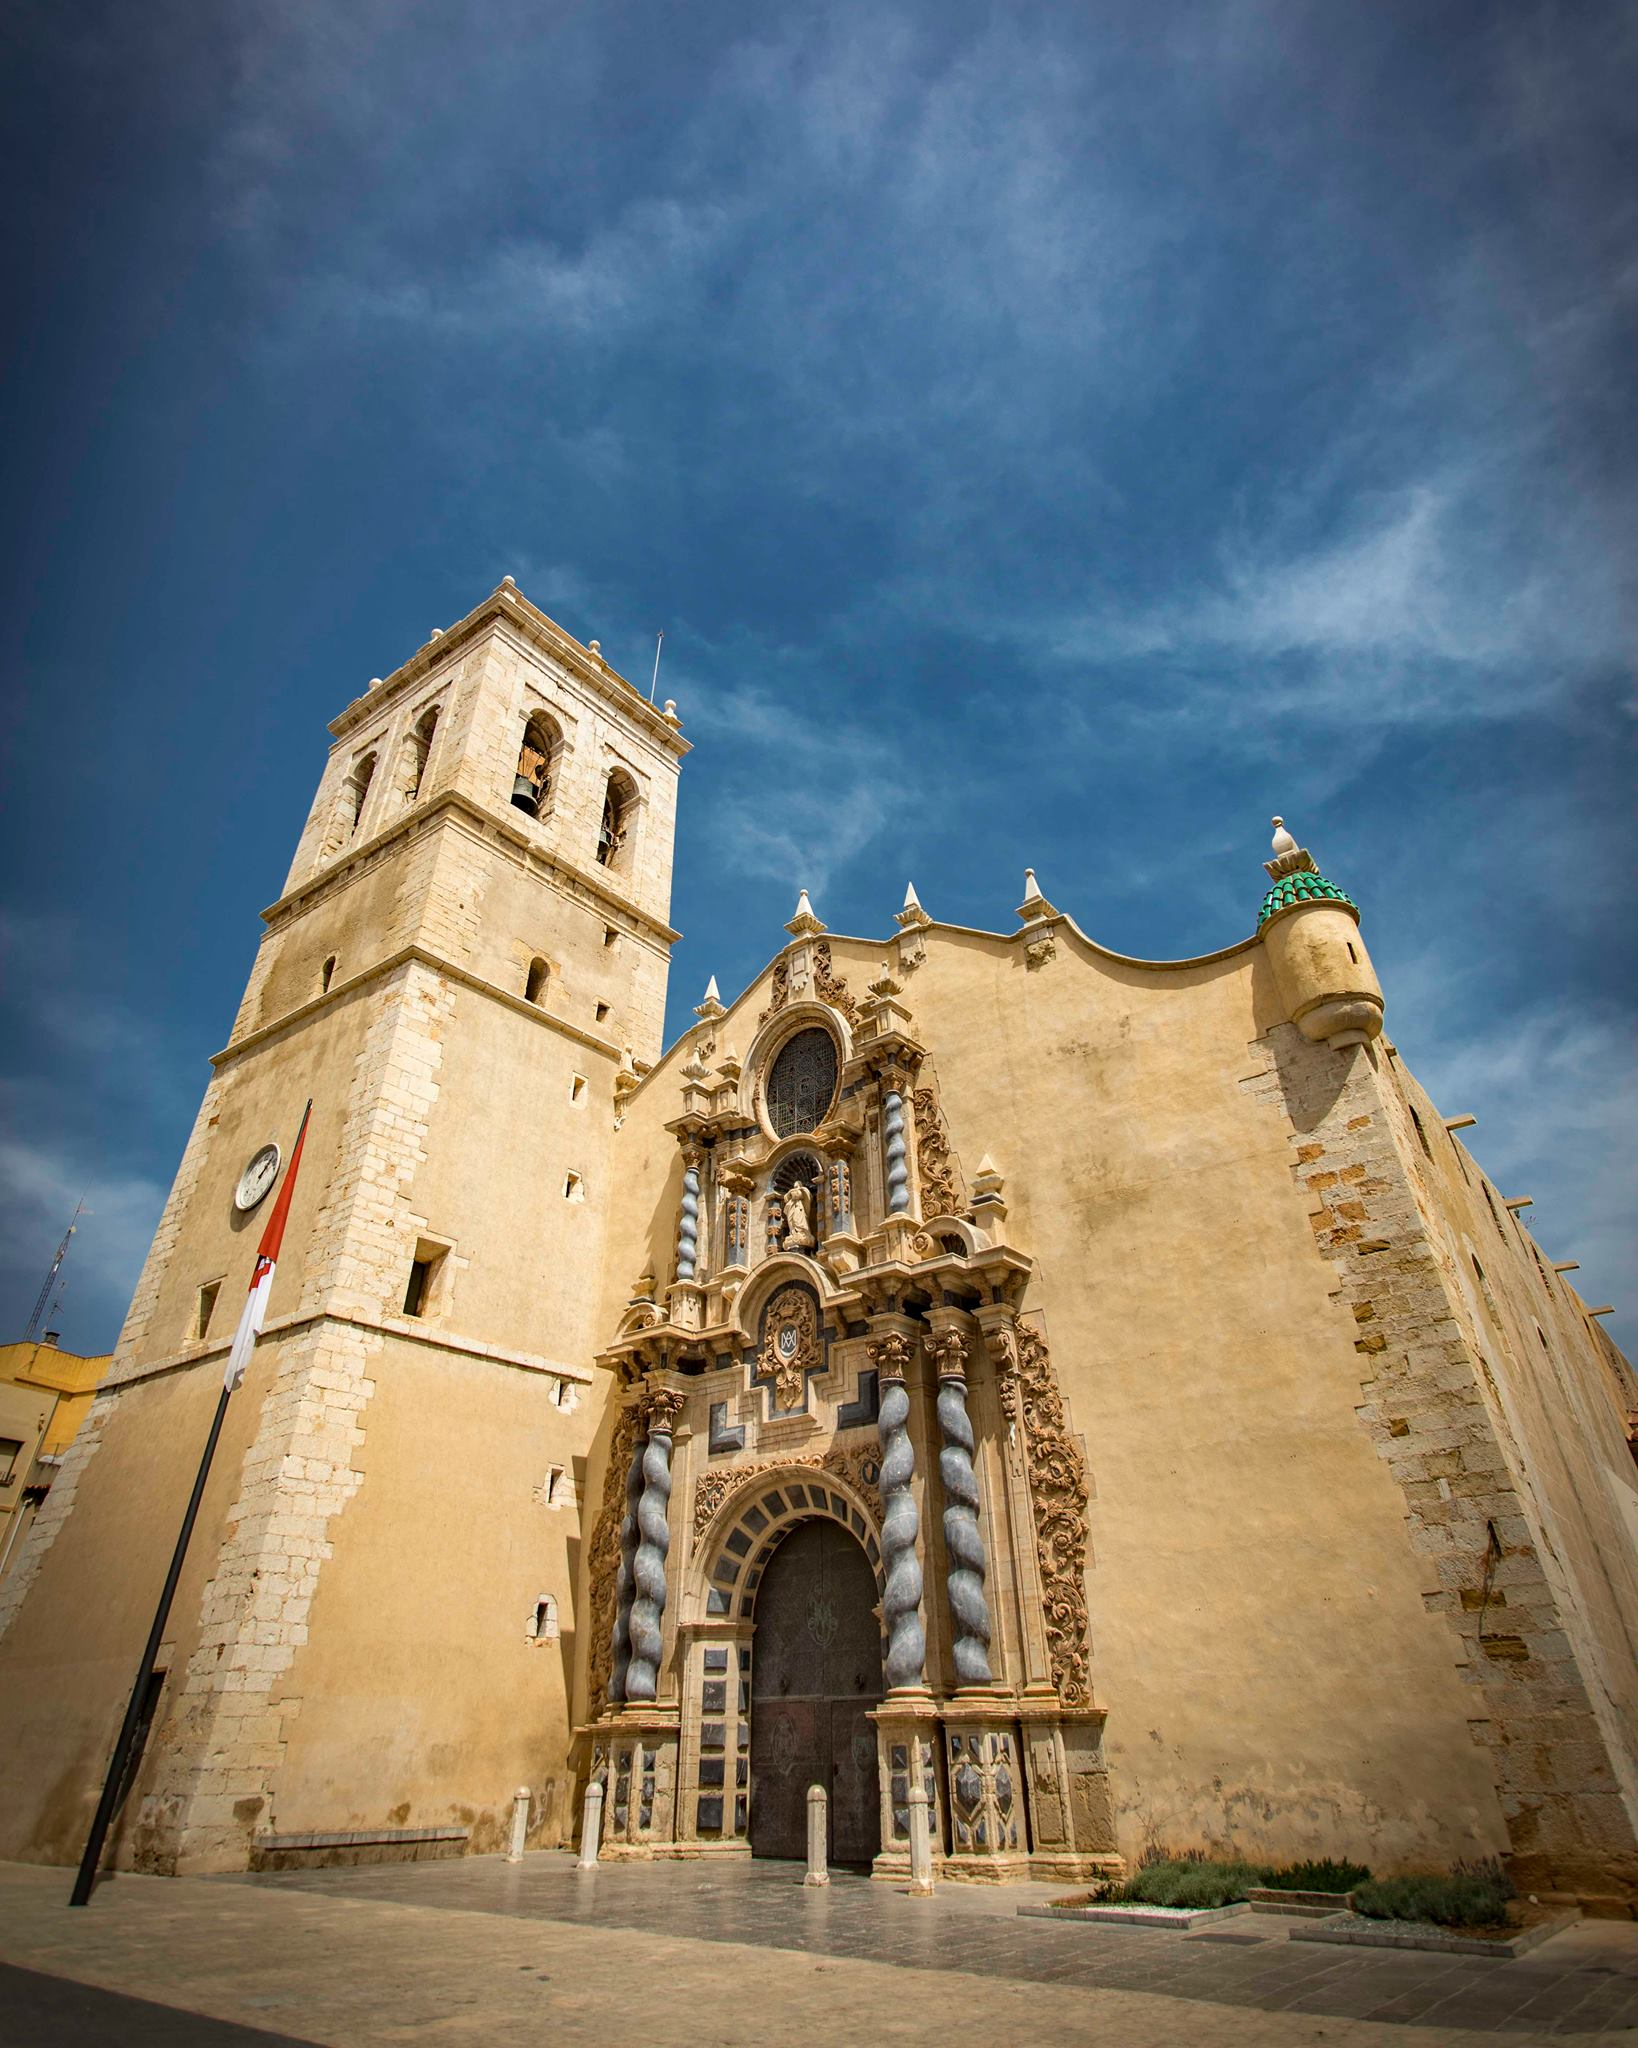 Pfarrkirche Asunción de Nuestra Señora